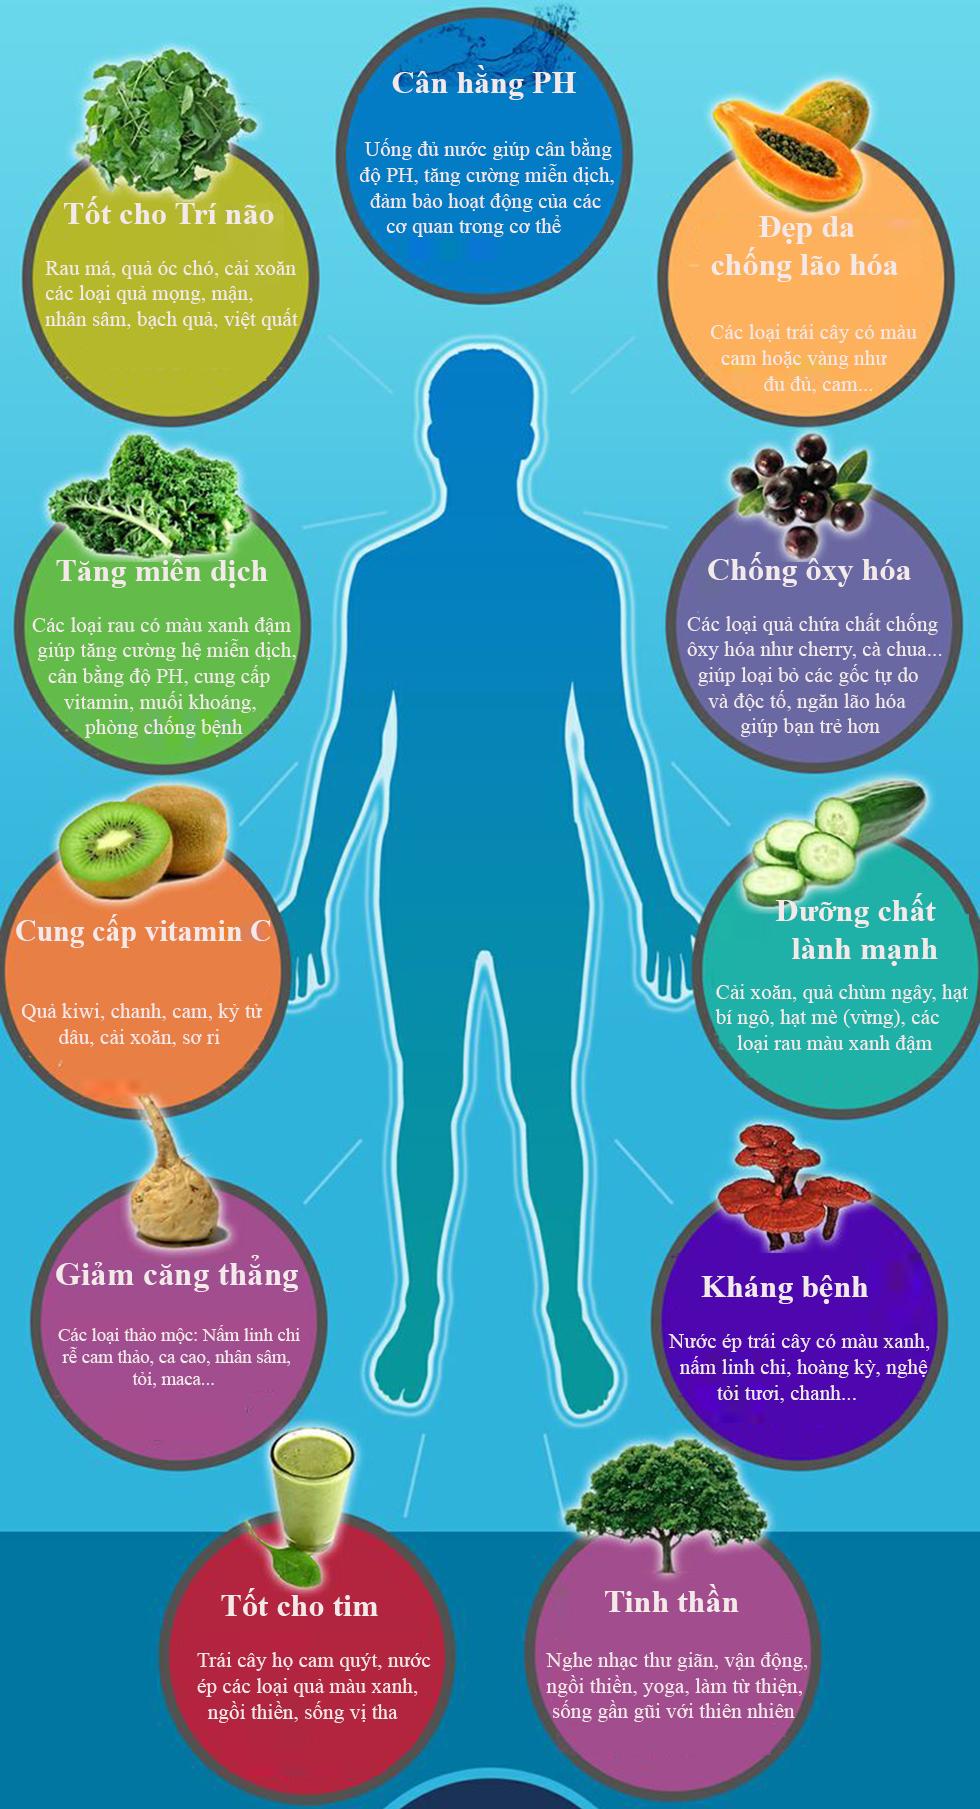 Bổ sung nhiều thực phẩm có tính kiềm để tăng cường sức khỏe cho cơ thể